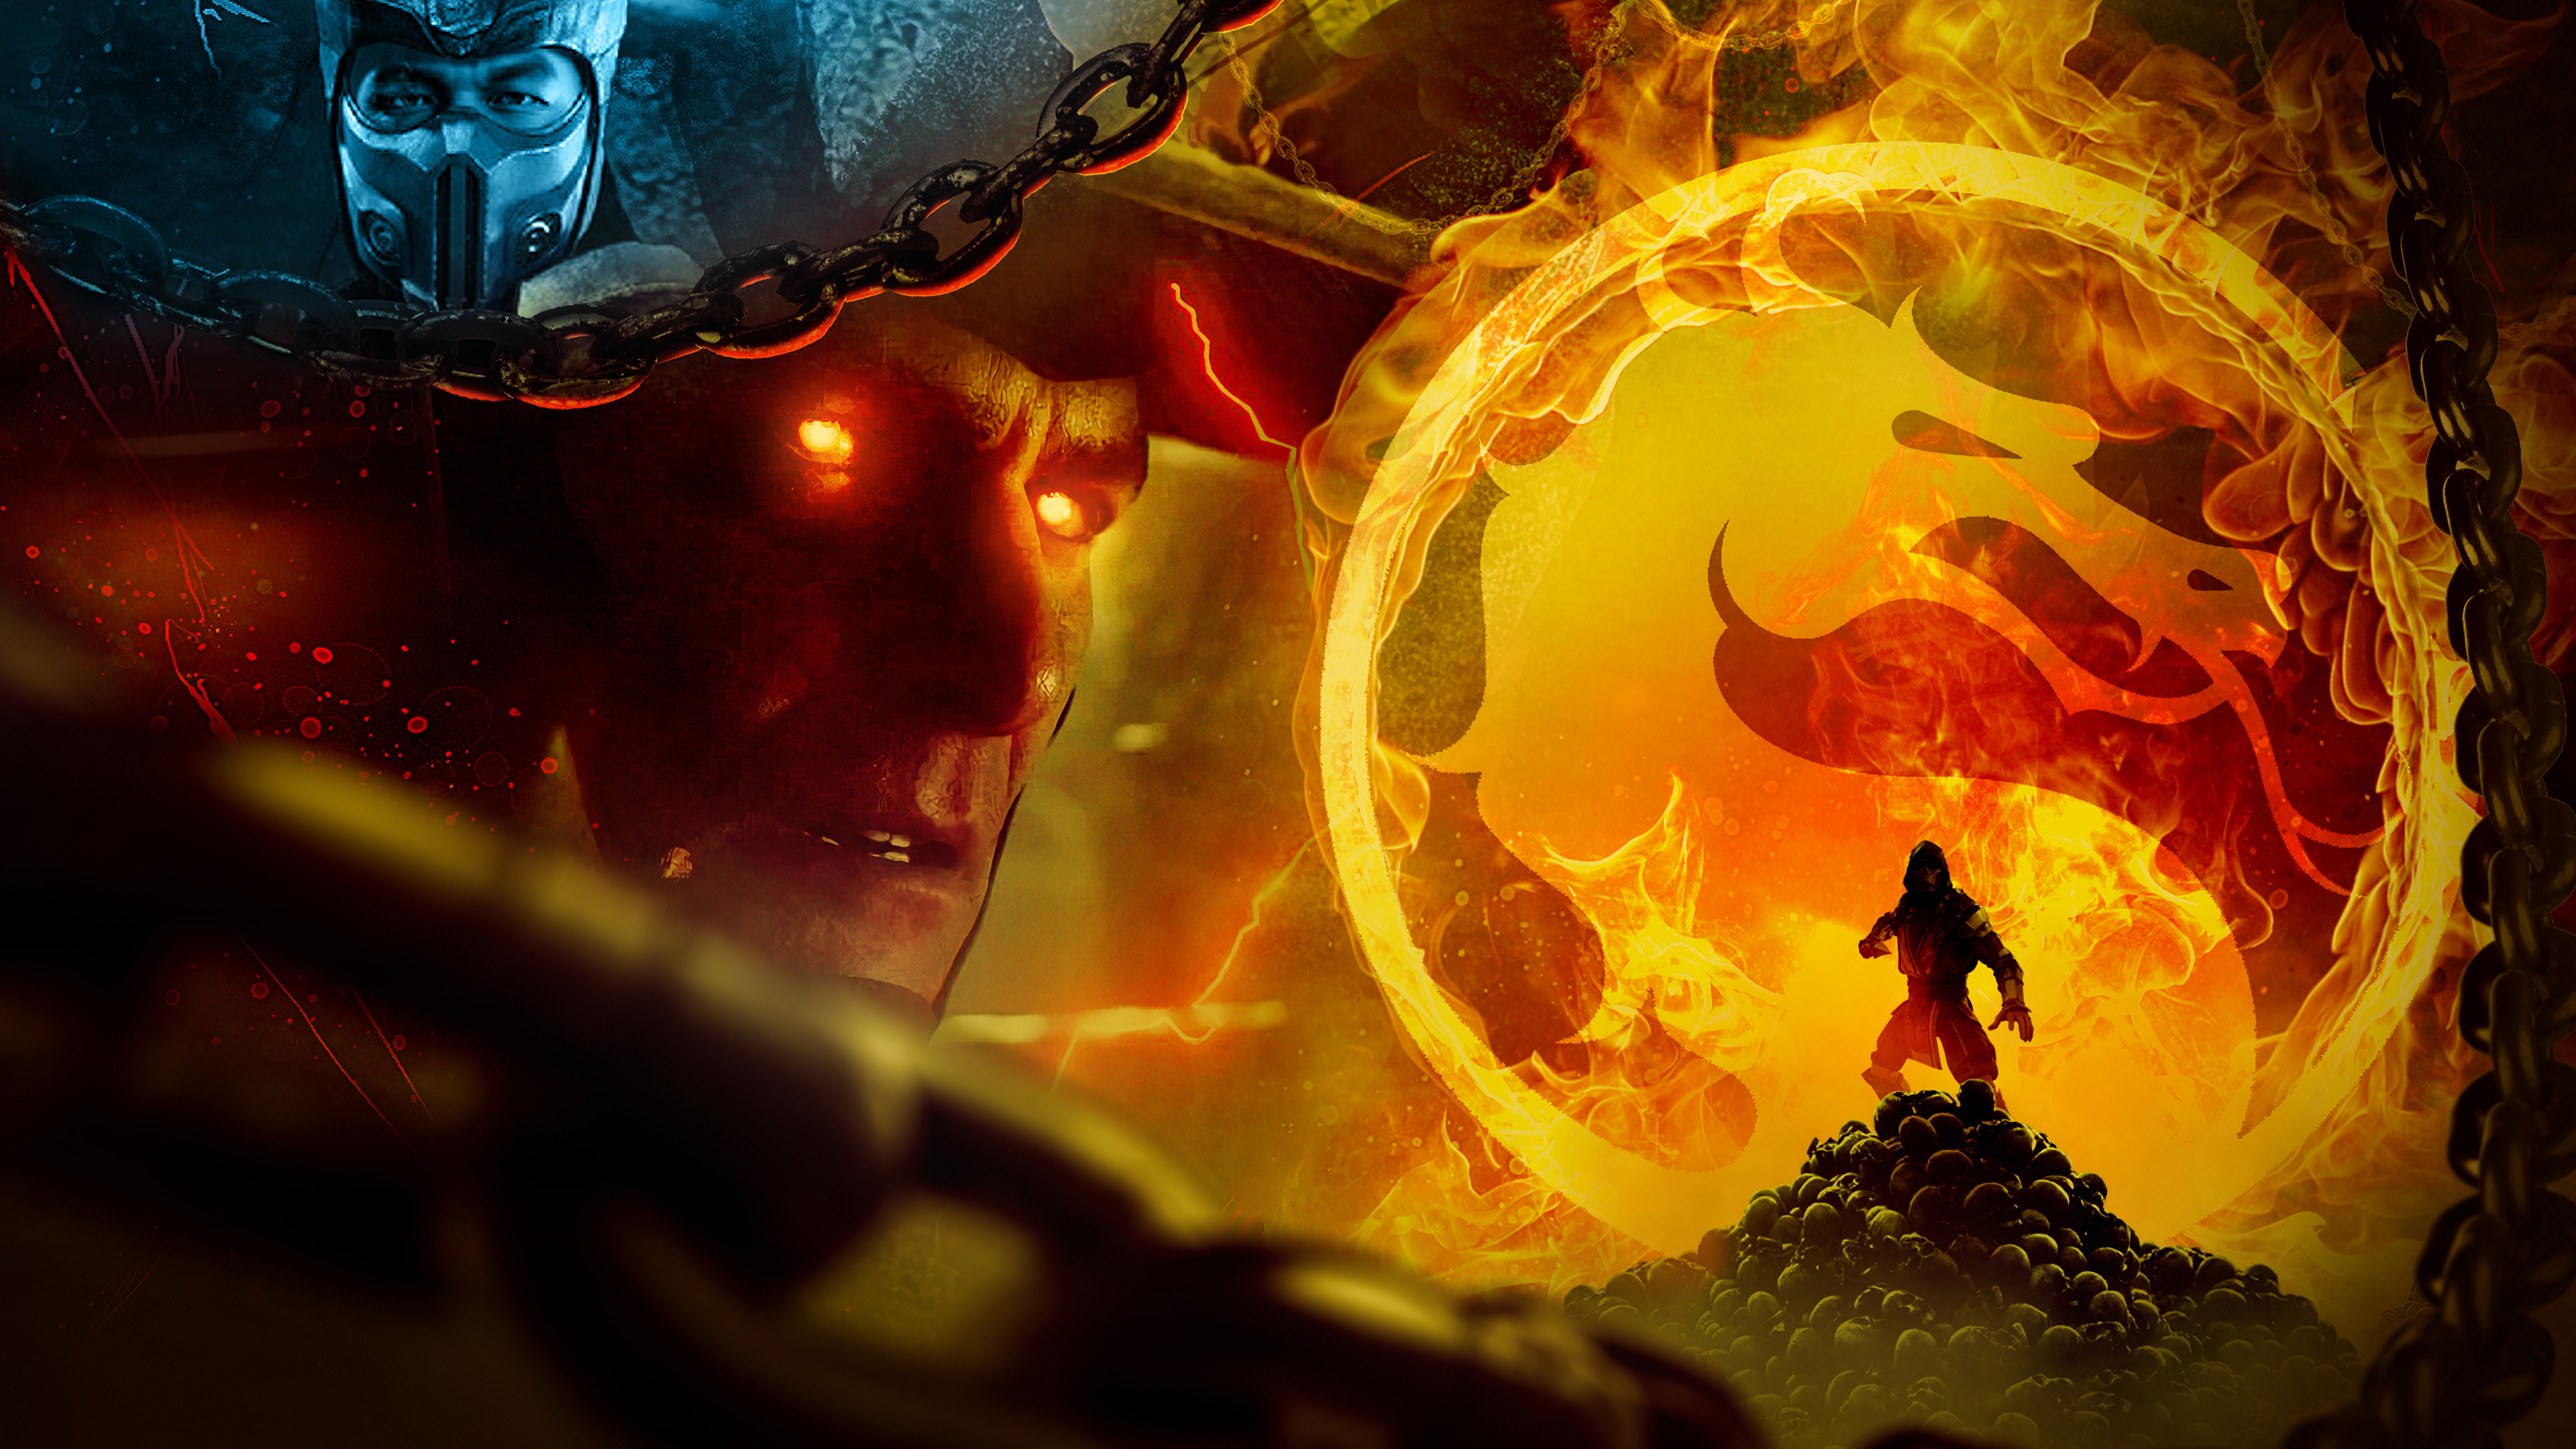 2880x1800 Mortal Kombat 11 Art 4k Macbook Pro Retina Hd 4k